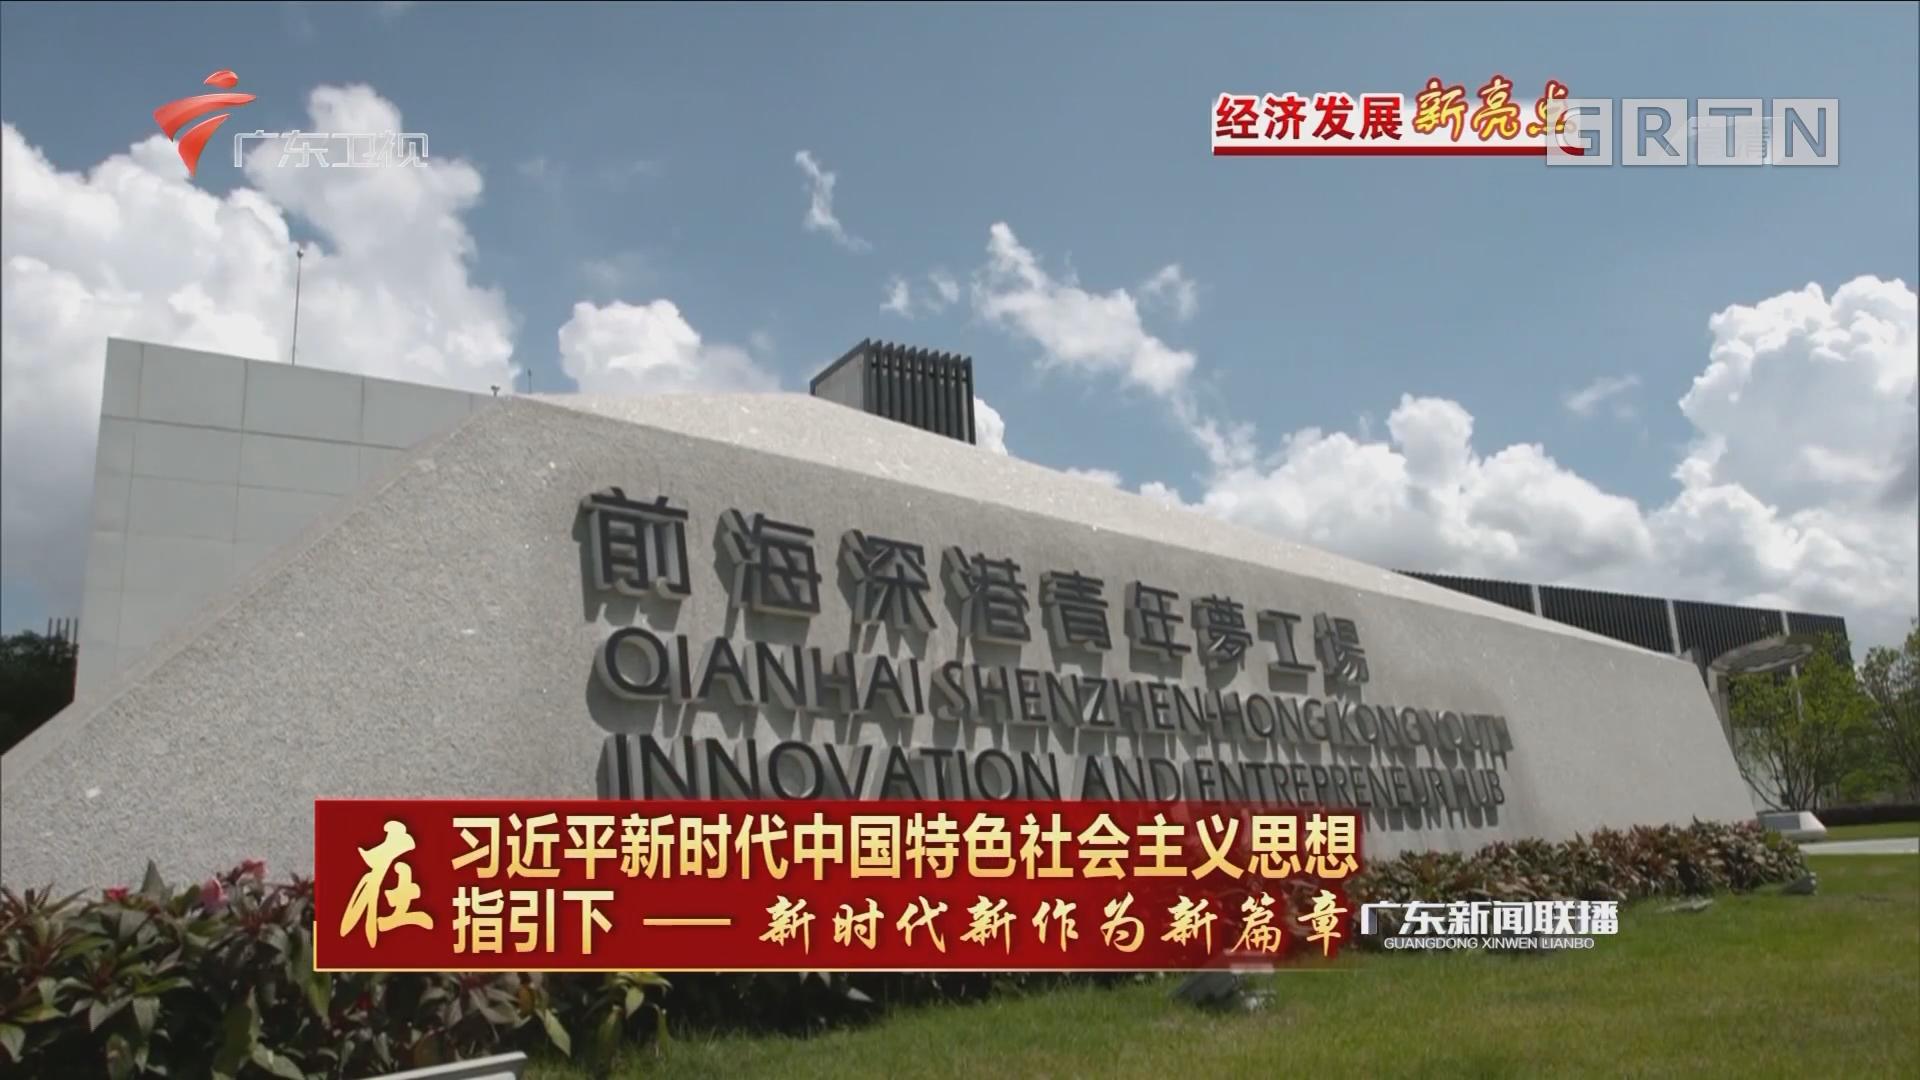 深圳:抢抓粤港澳大湾区建设重大机遇 努力形成全面开放新格局